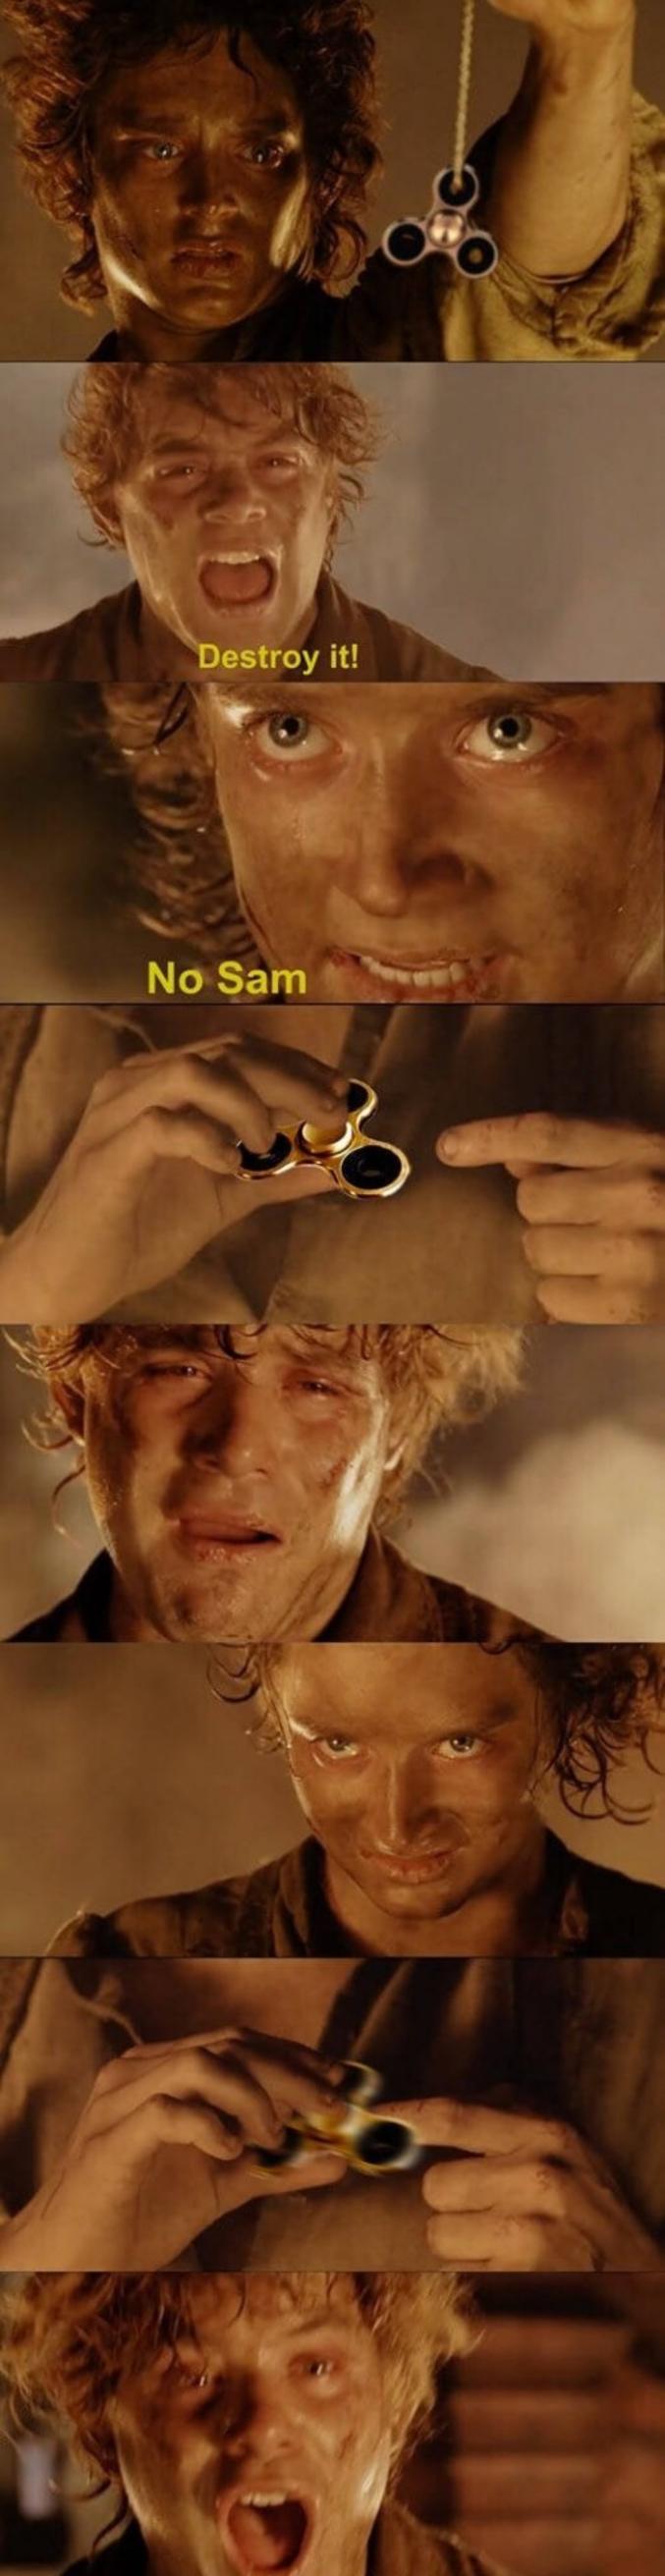 Détruisez-le, m'sieur Frodon !